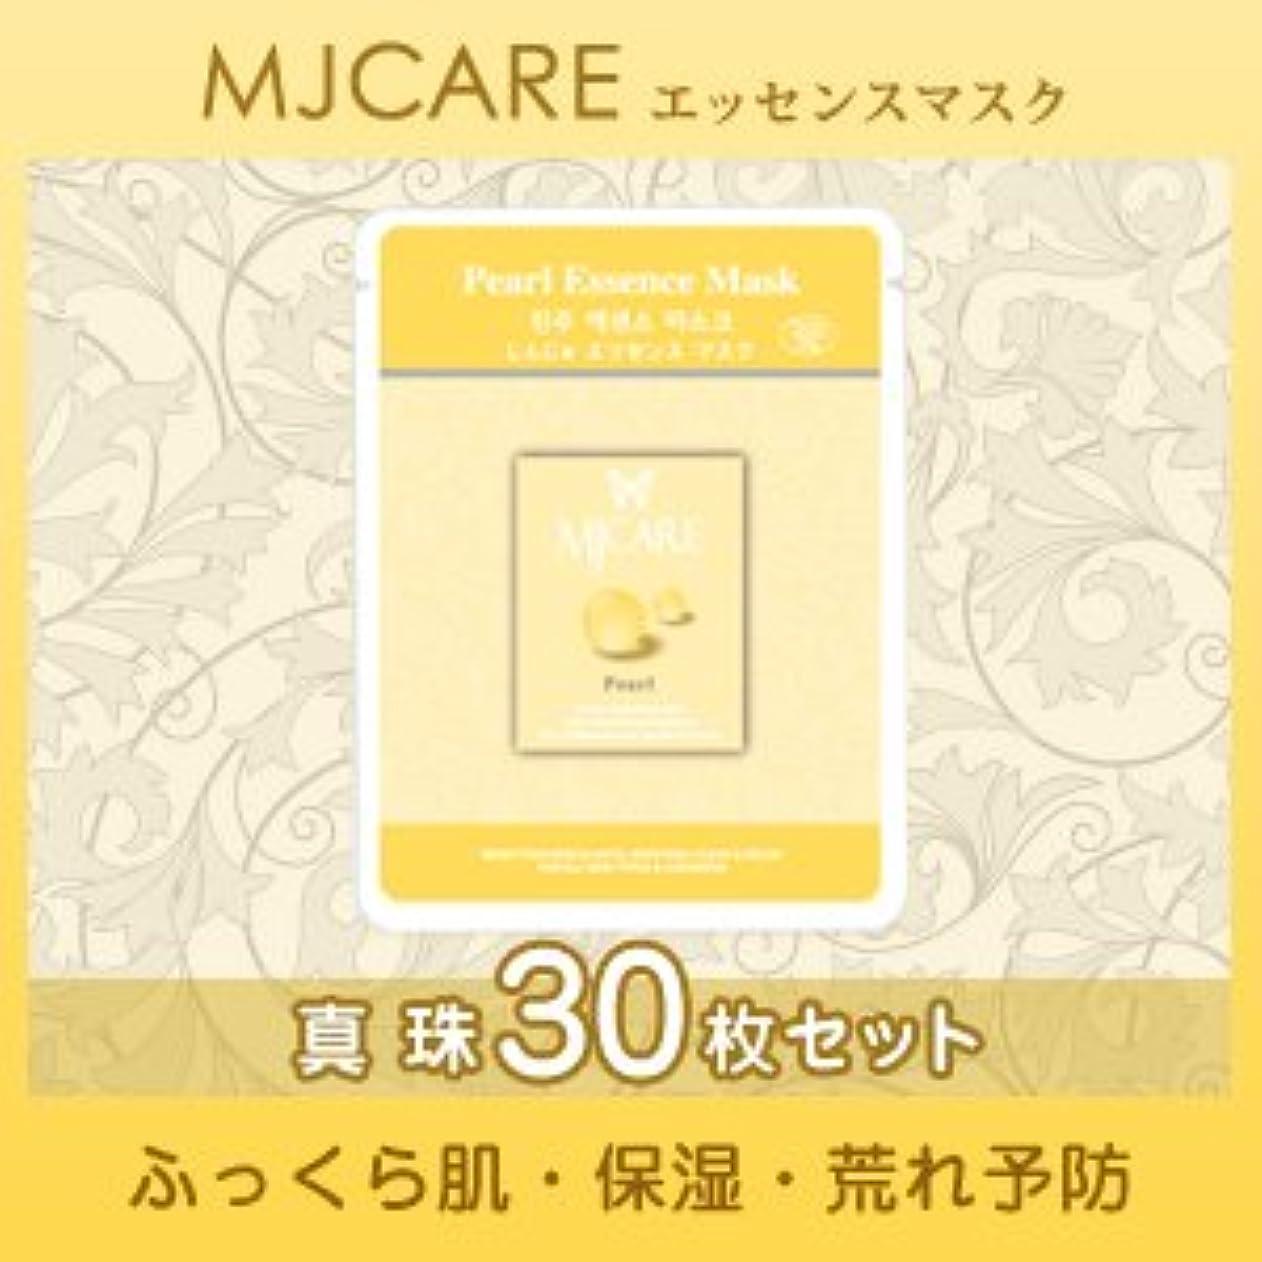 潮恋人絶滅MJCARE (エムジェイケア) 真珠 エッセンスマスク 30セット